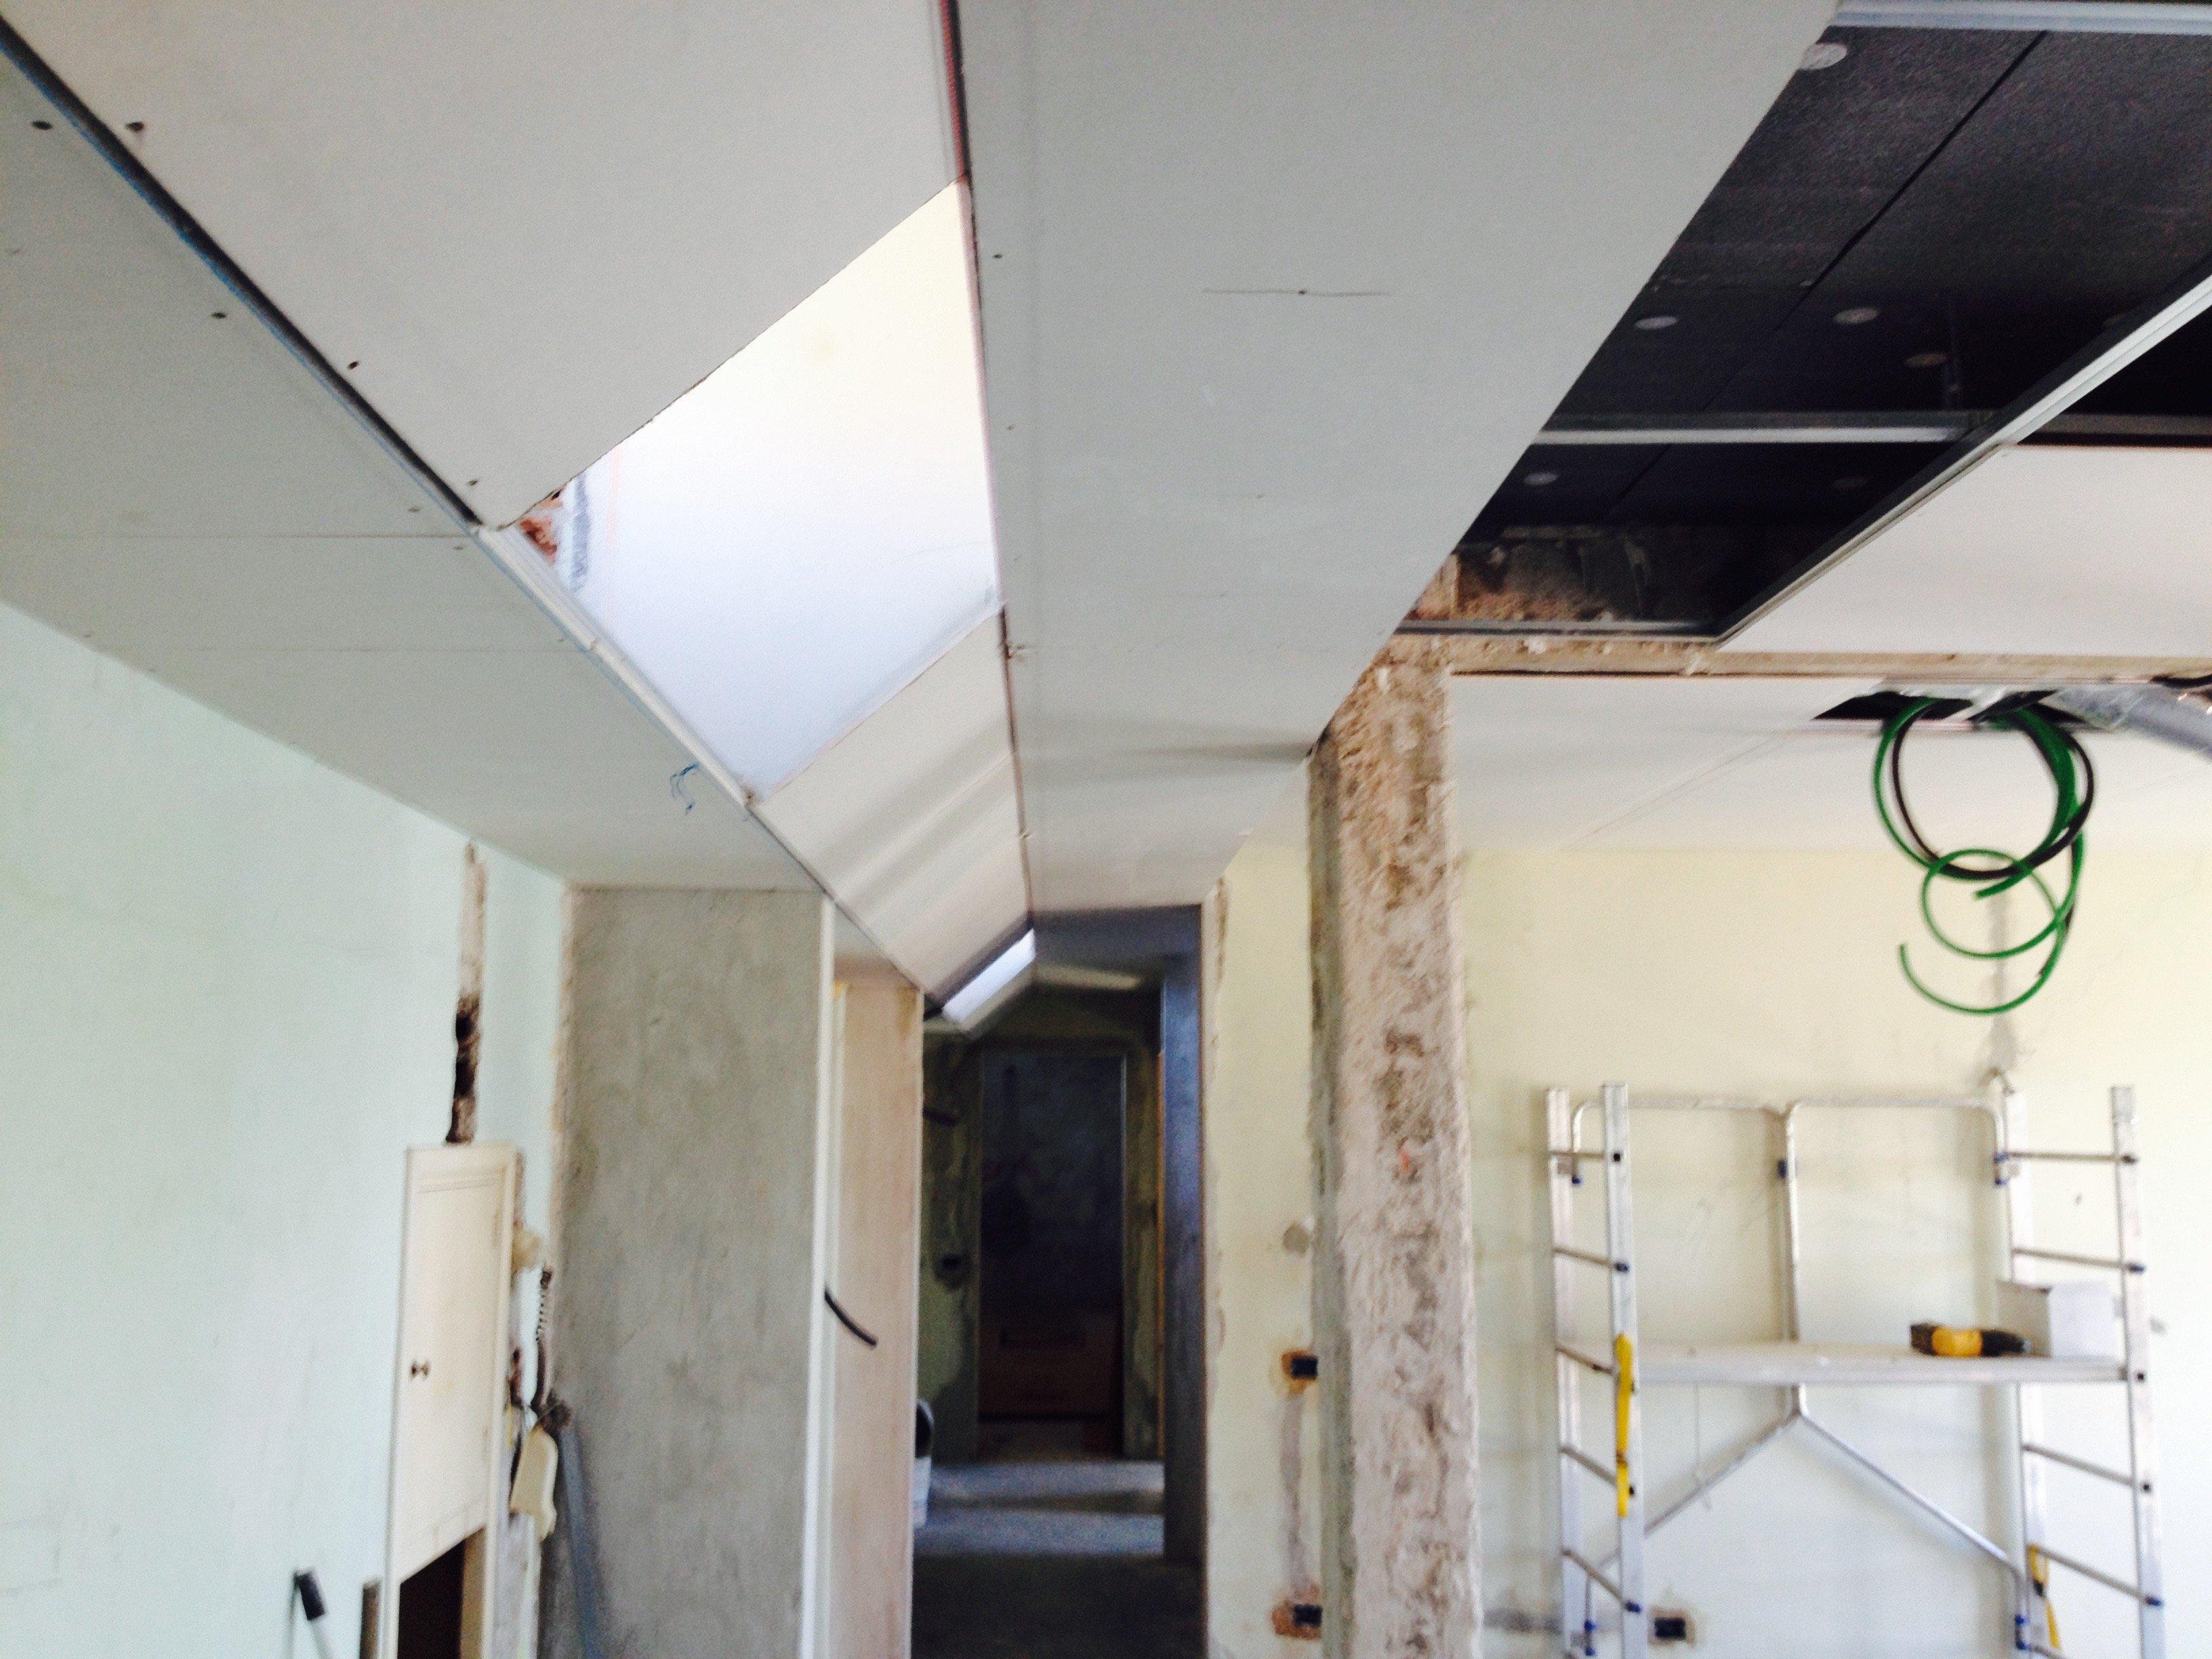 Pannelli di cartongesso installati su un controsoffitto angolare